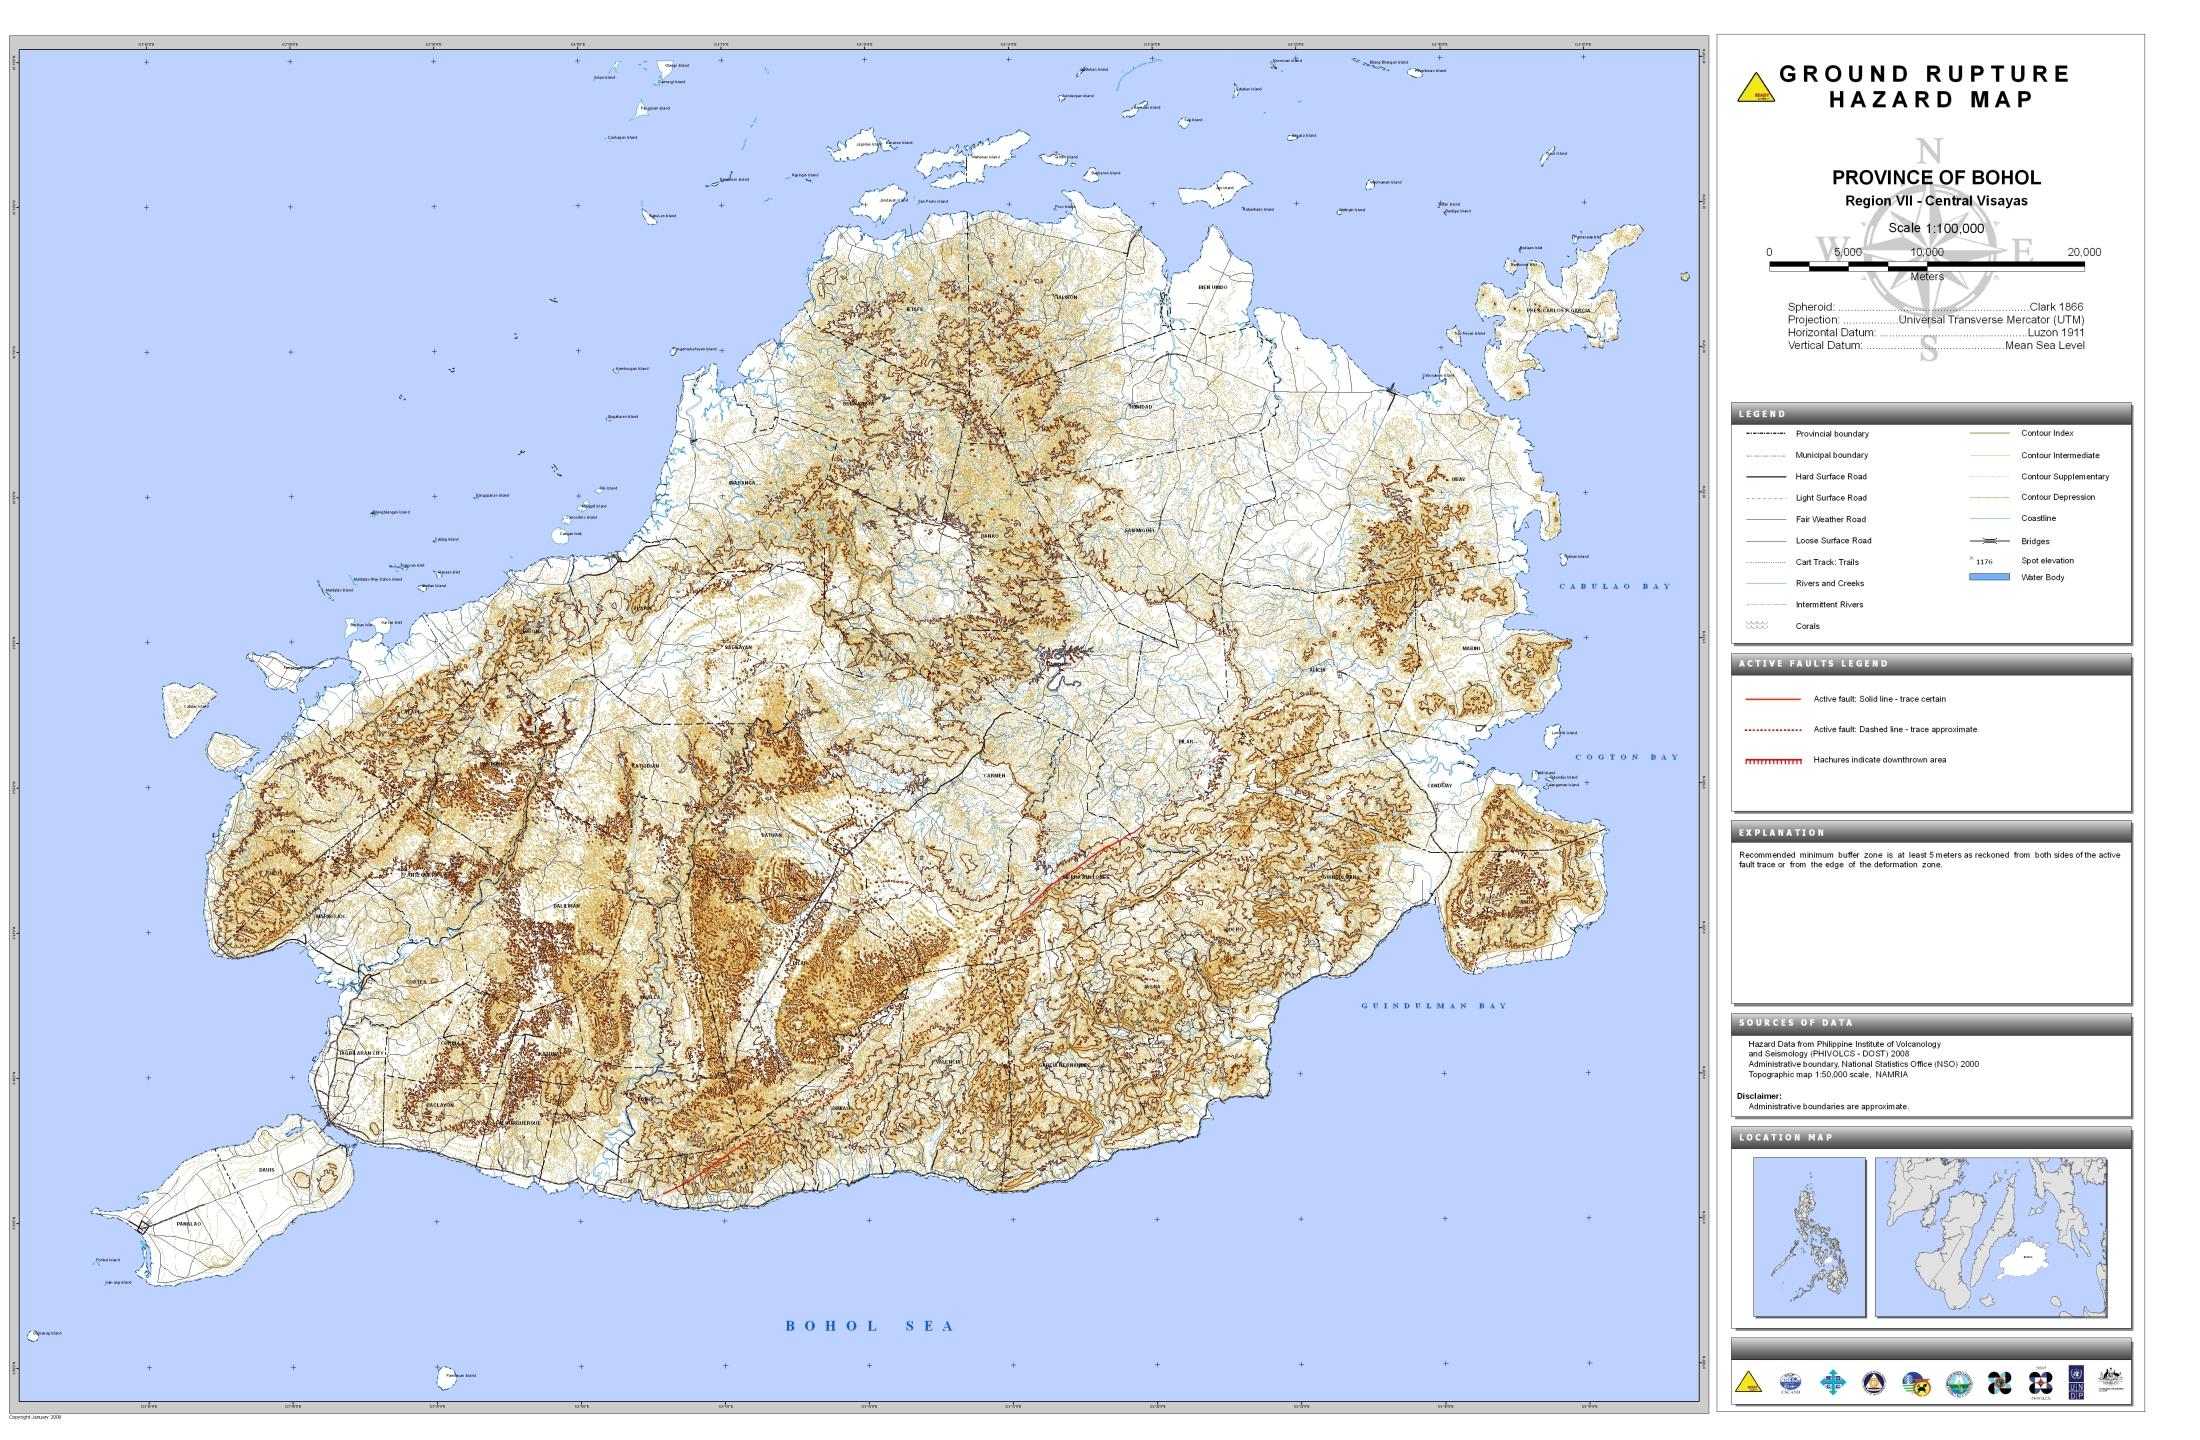 Bohol Ground Rupture Hazard Map